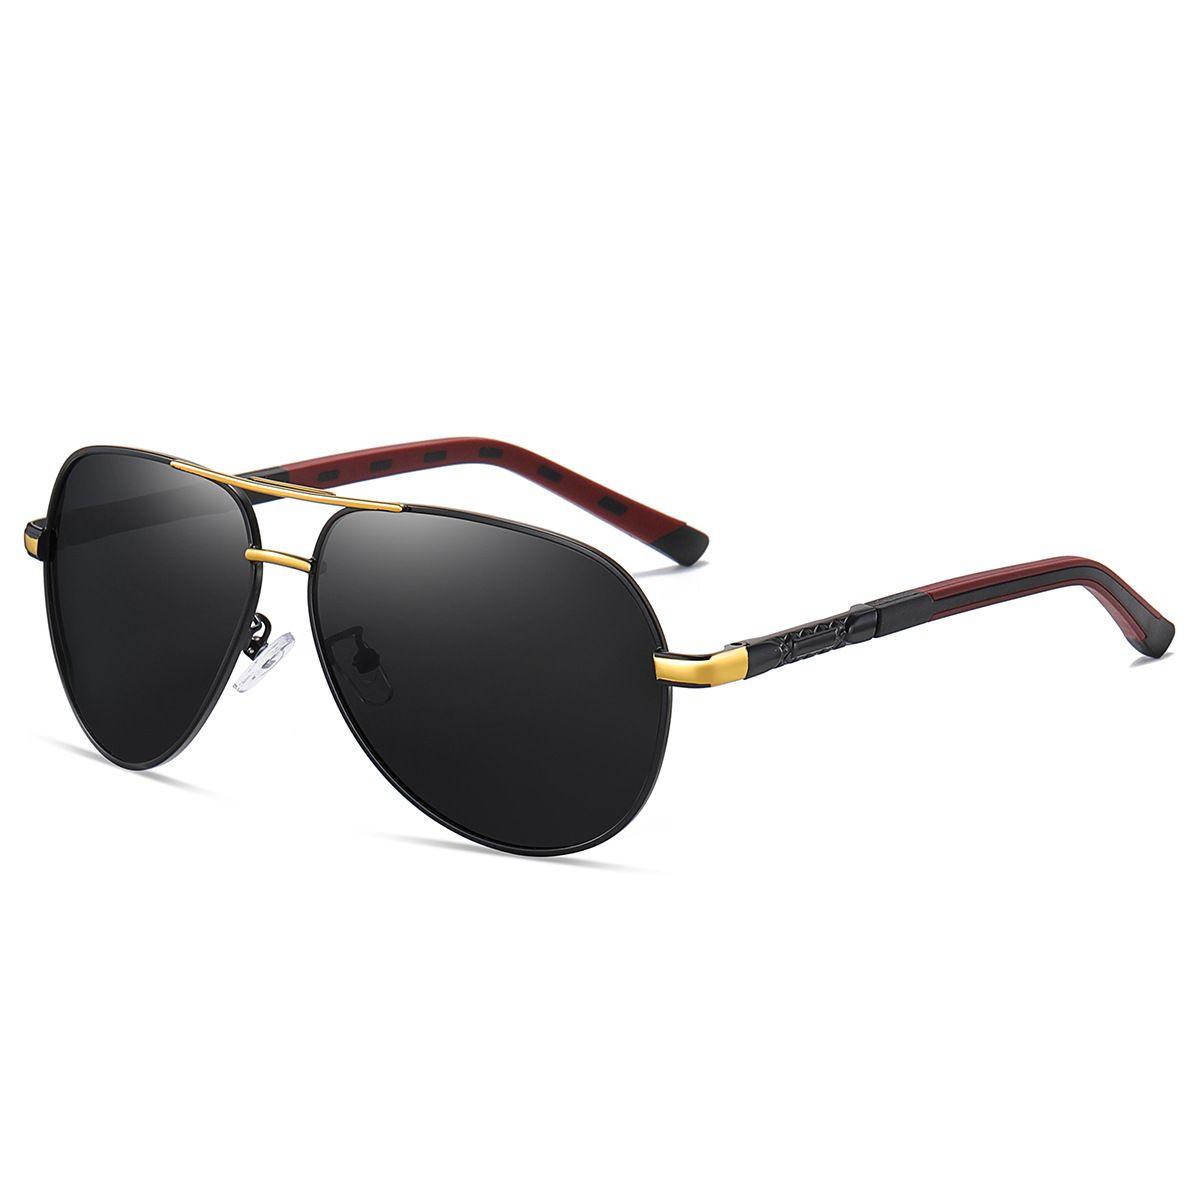 2020 Mens 패션 디자이너 여성 실버 프레임을위한 편광 된 선글라스 고품질 UV400 고글 안경 occiali da sole